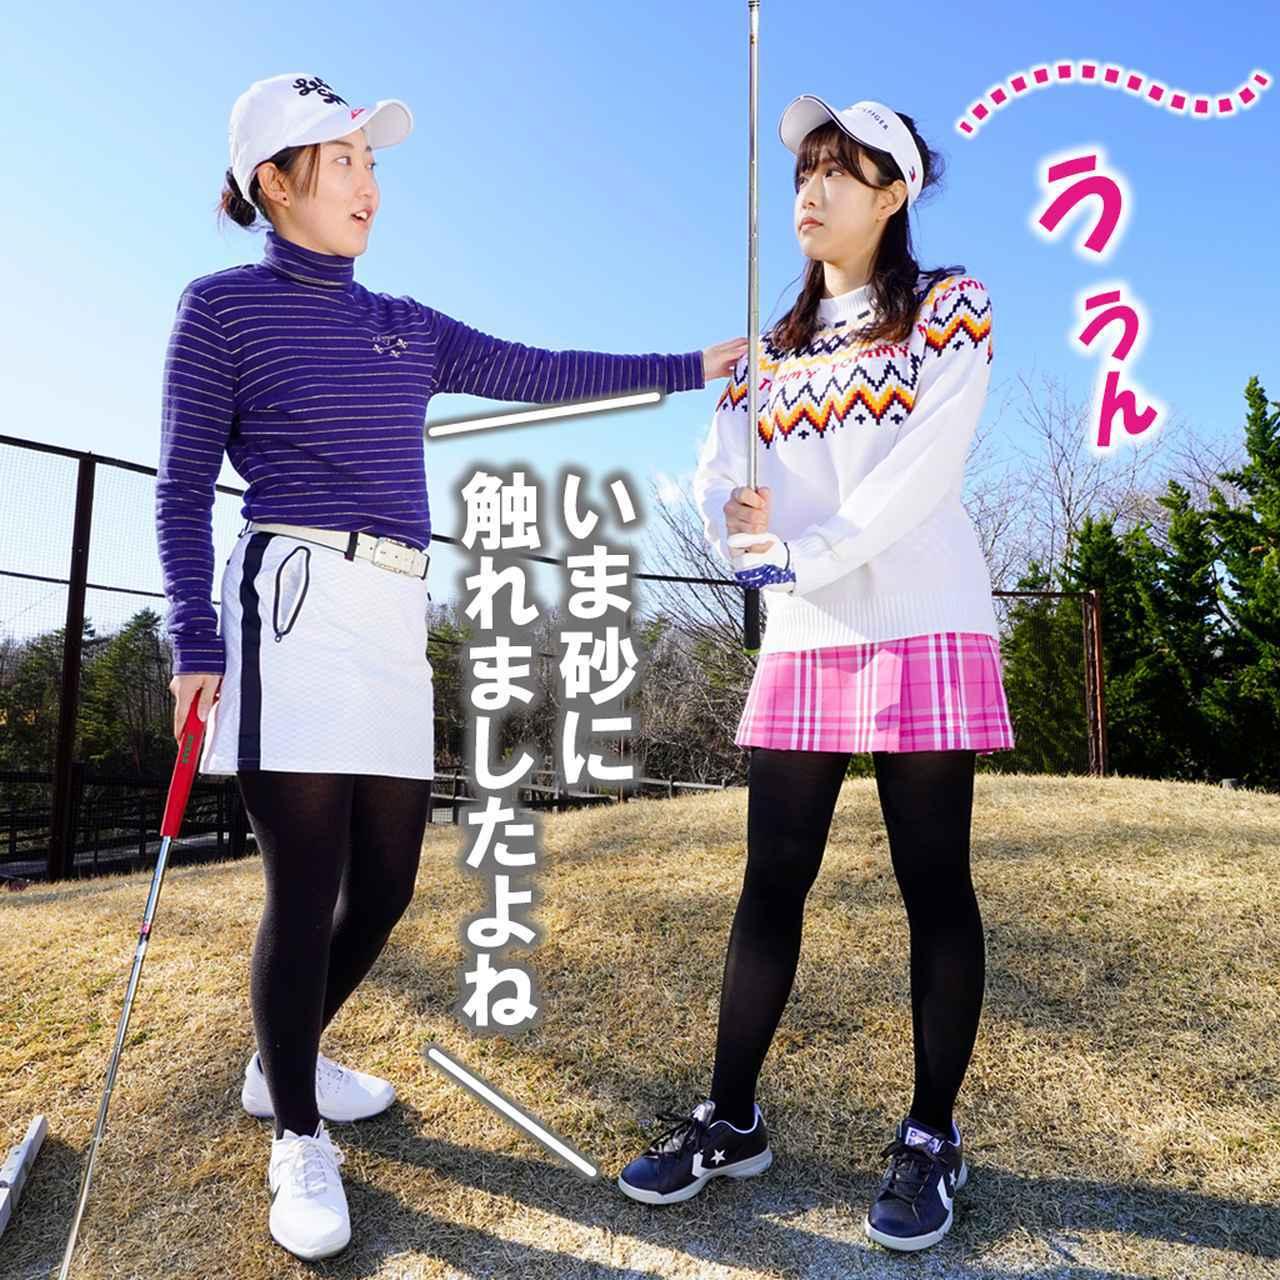 画像: 会員番号55 雨宮梨乃(左)、会員番号48 渥美友里恵(右)